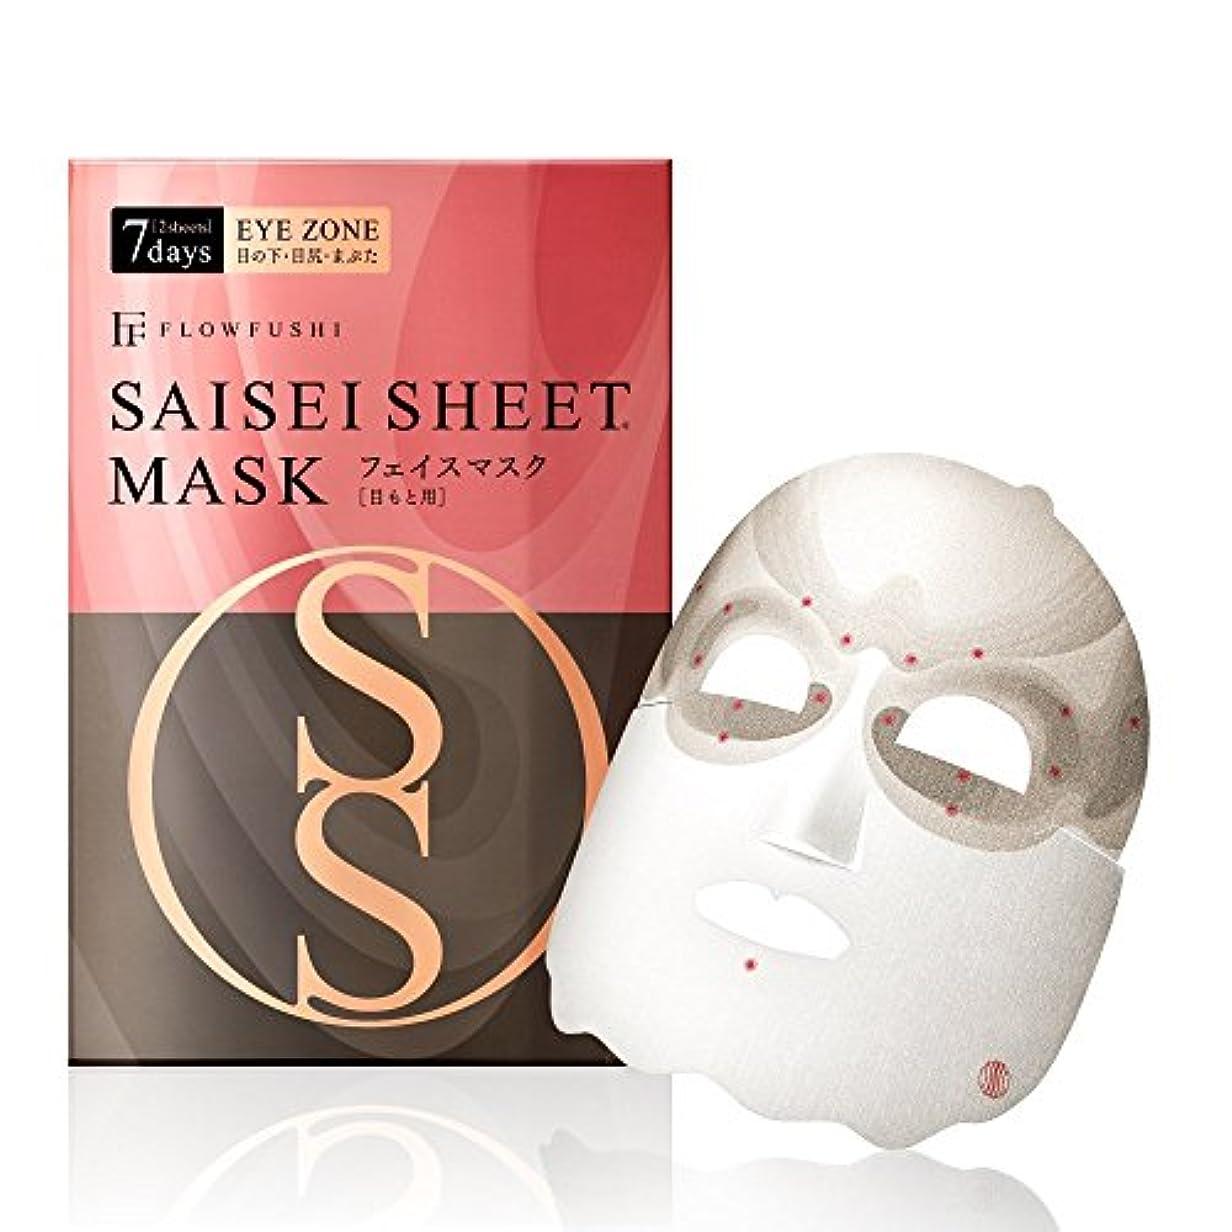 荒らすハーブスライスSAISEIシート マスク [目もと用] 7days 2sheets